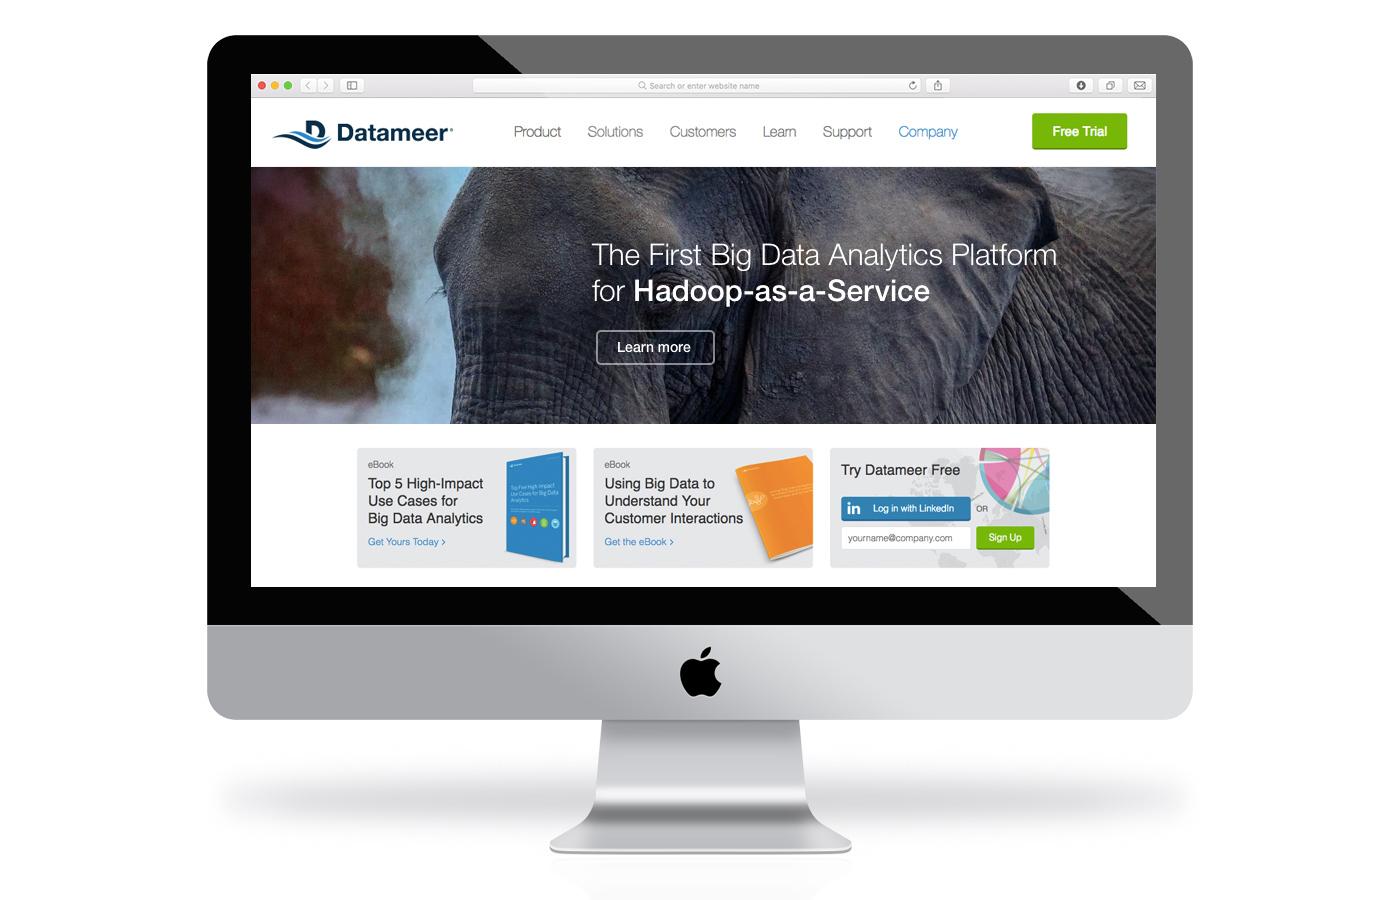 wandisco new website